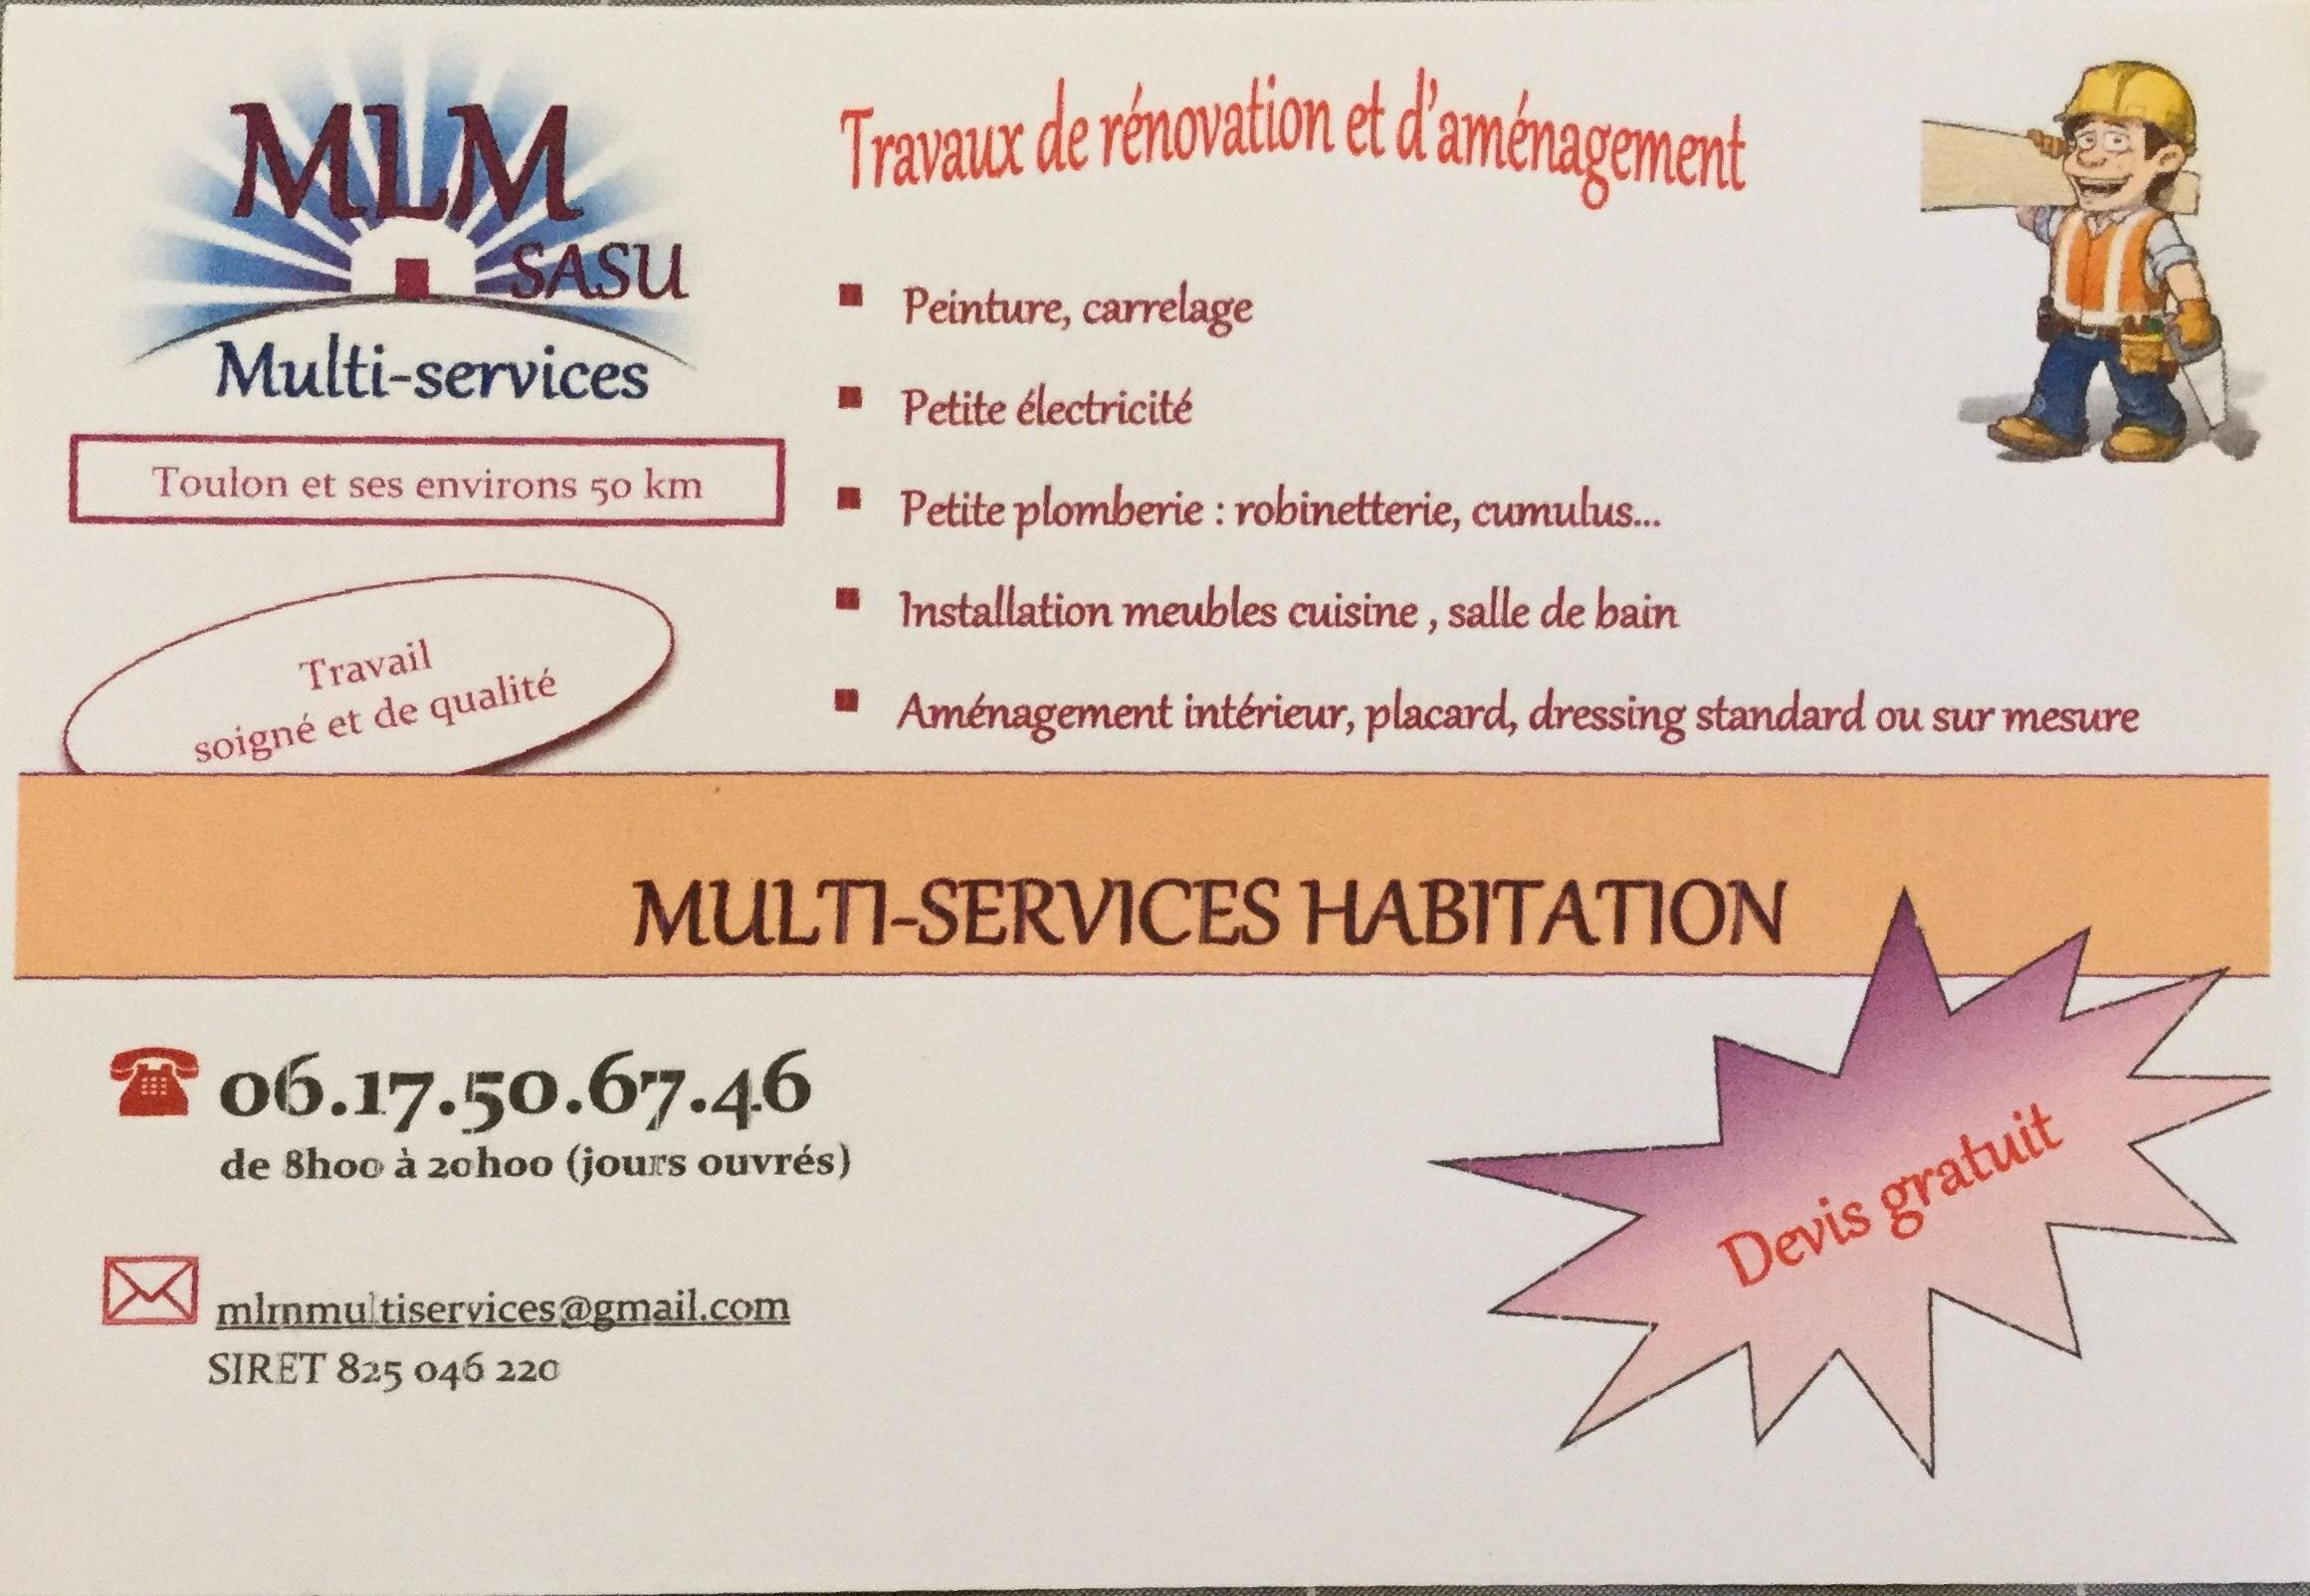 Société MLM